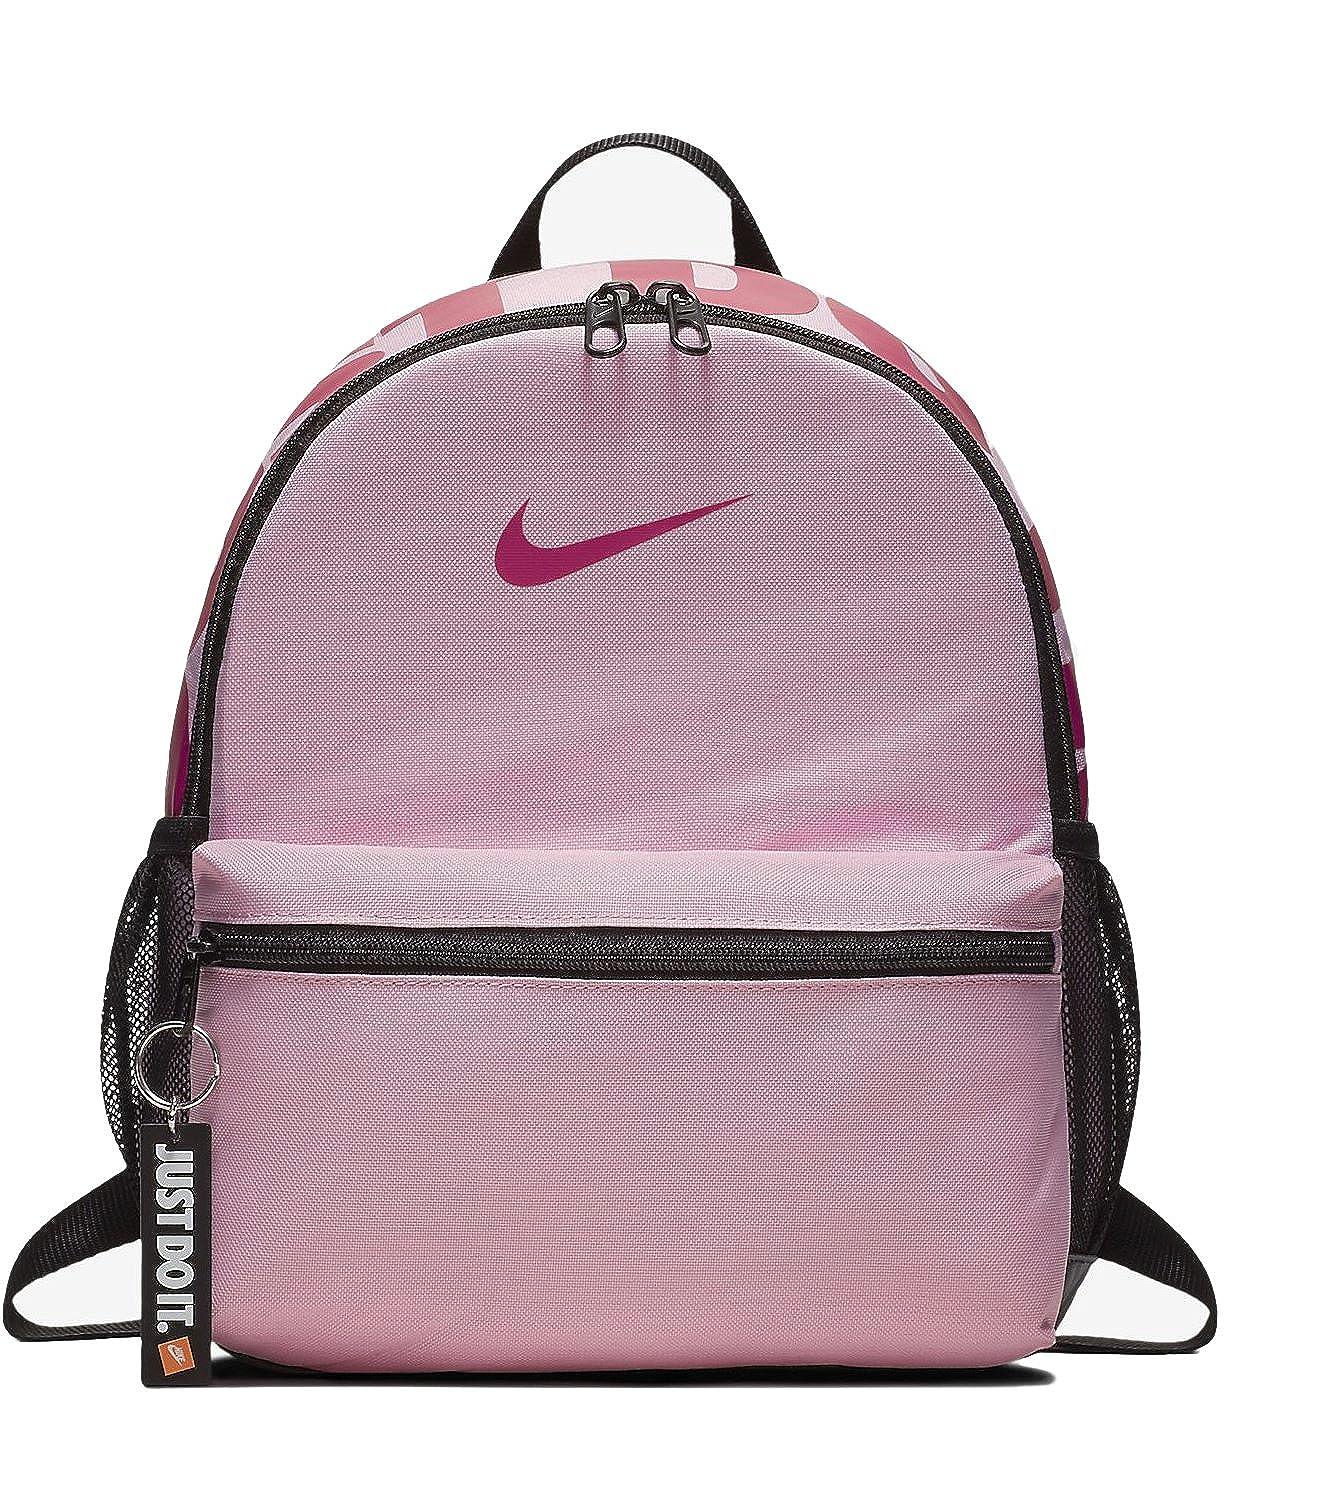 fce7d06d80 Nike Y NK BRSLA JDI MINI BKPK - Zaini Unisex Bambini, Multicolore  (Pink/Black/Rush Pink), 15x24x45 cm (W x H L): Amazon.it: Scarpe e borse